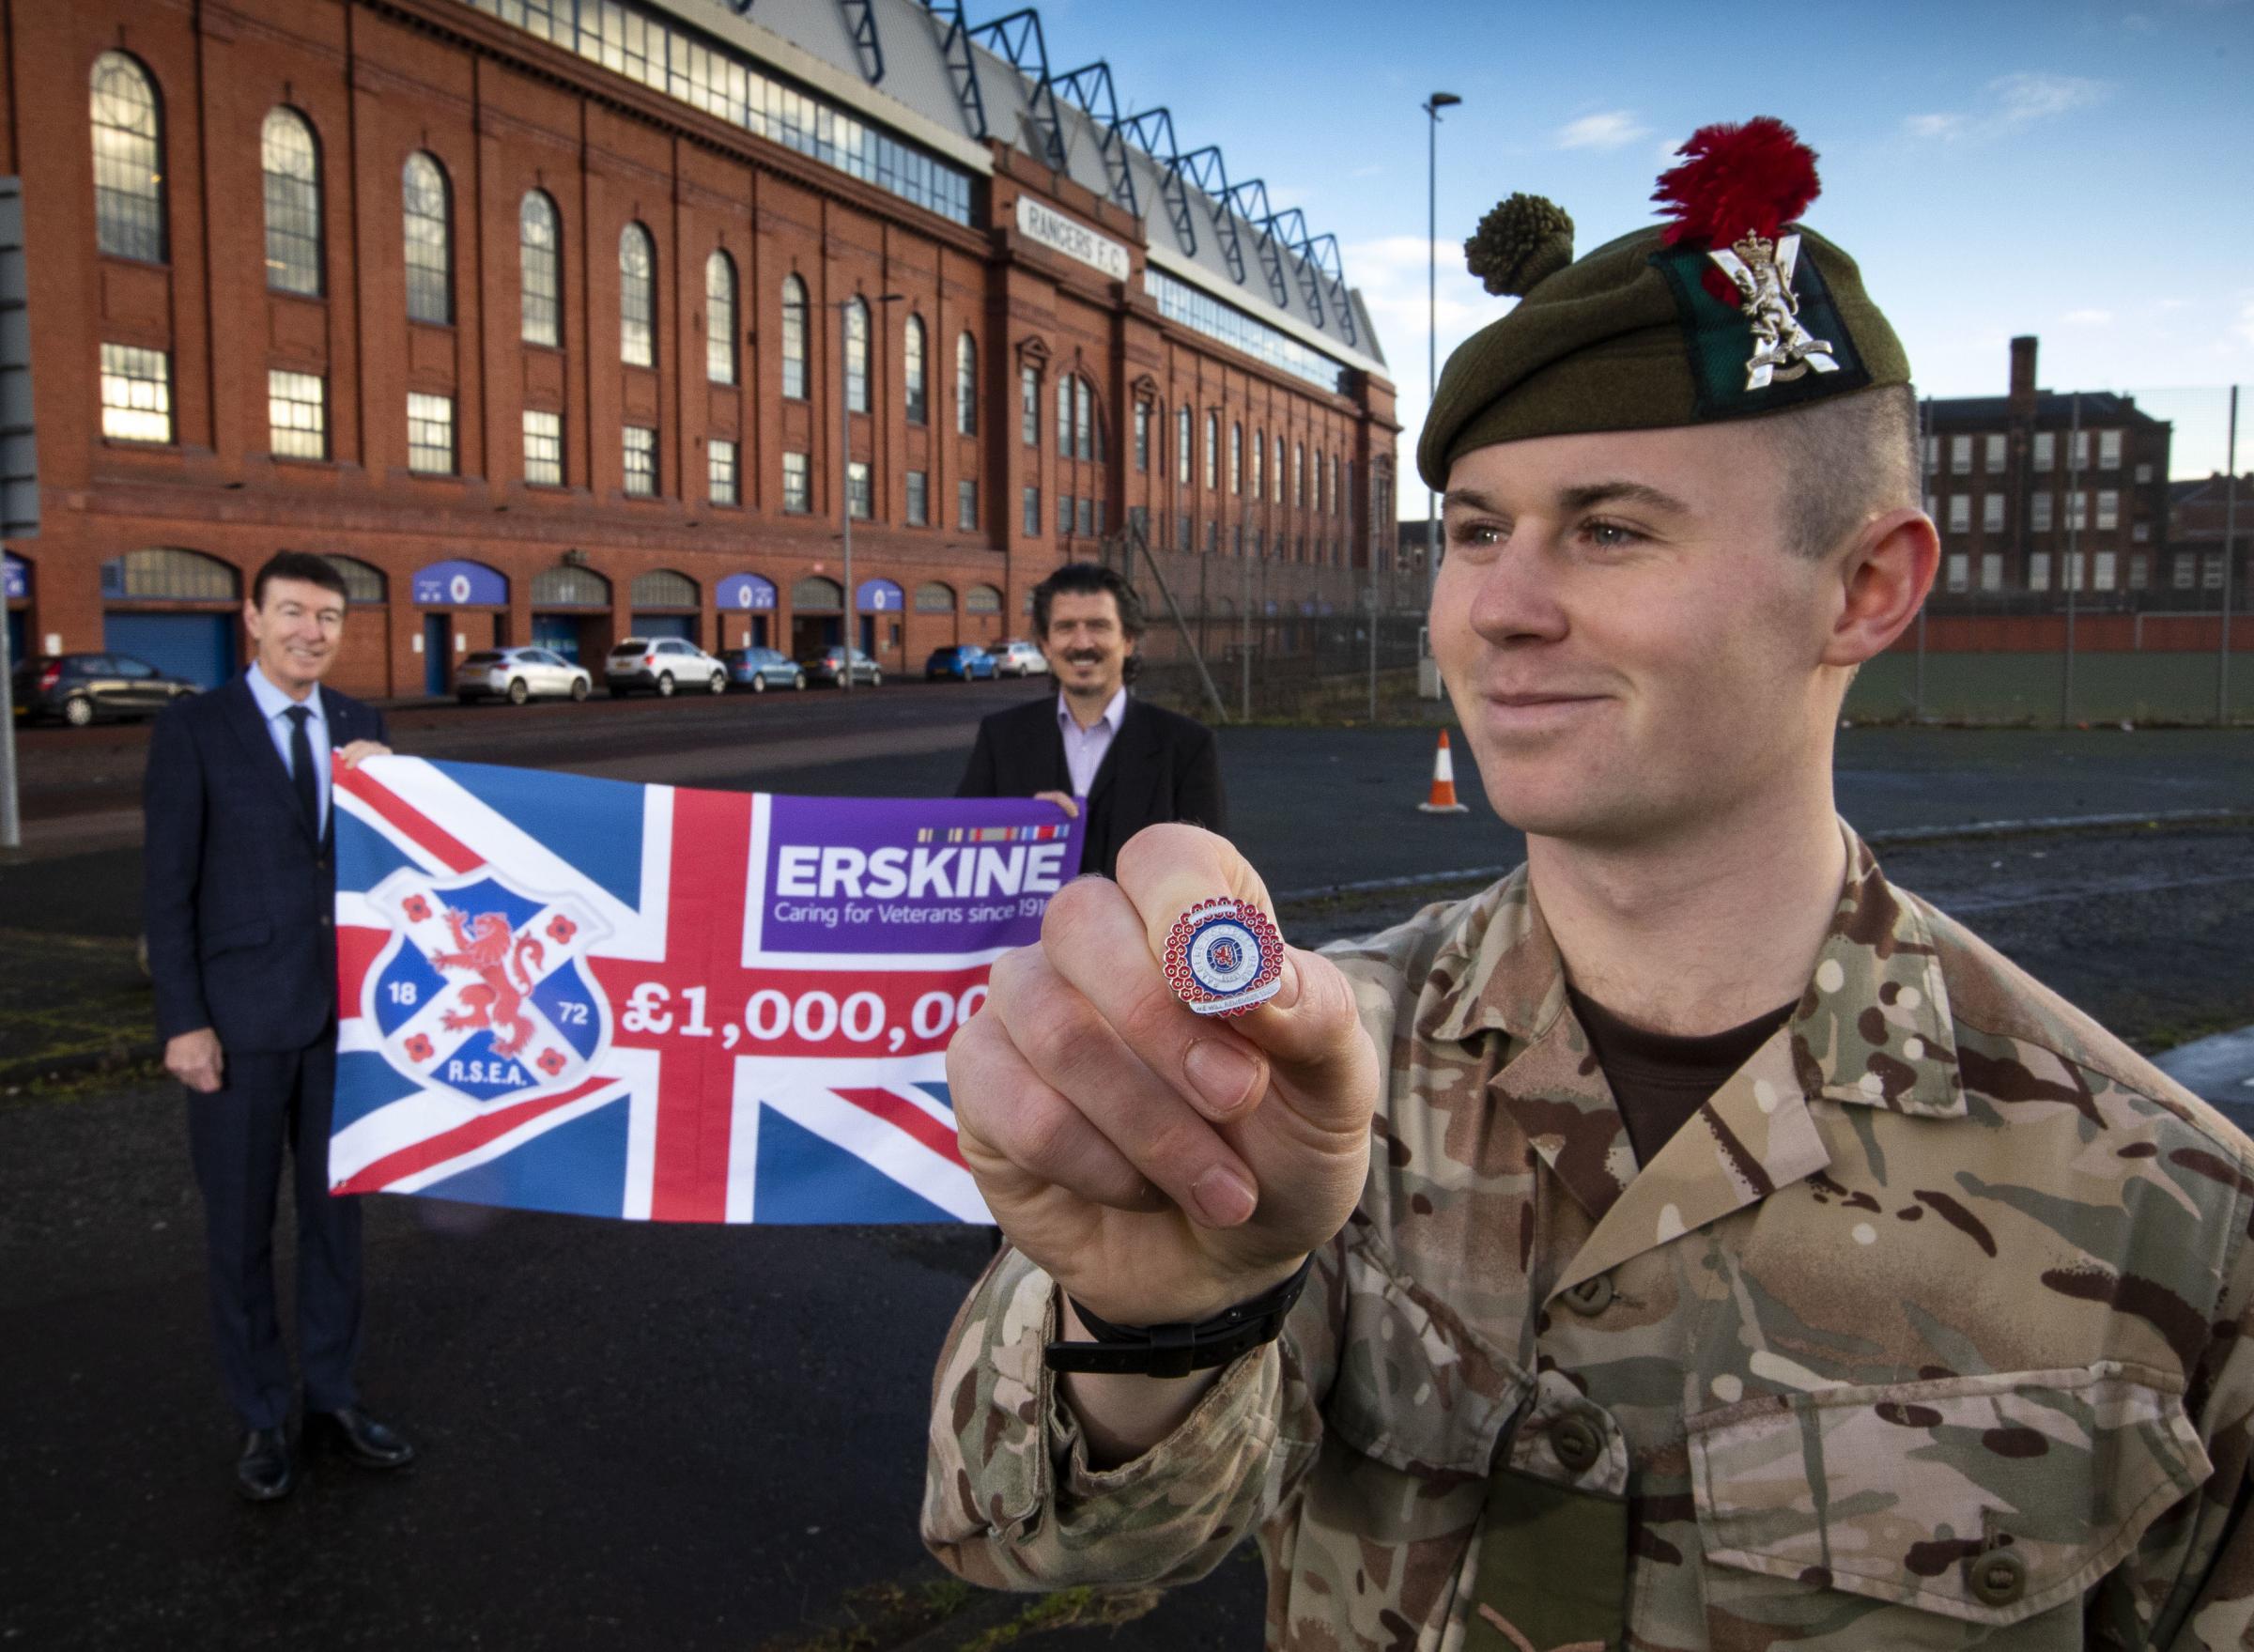 Rangers legends thank Ibrox fans as Erskine appeal breaks £1million barrier